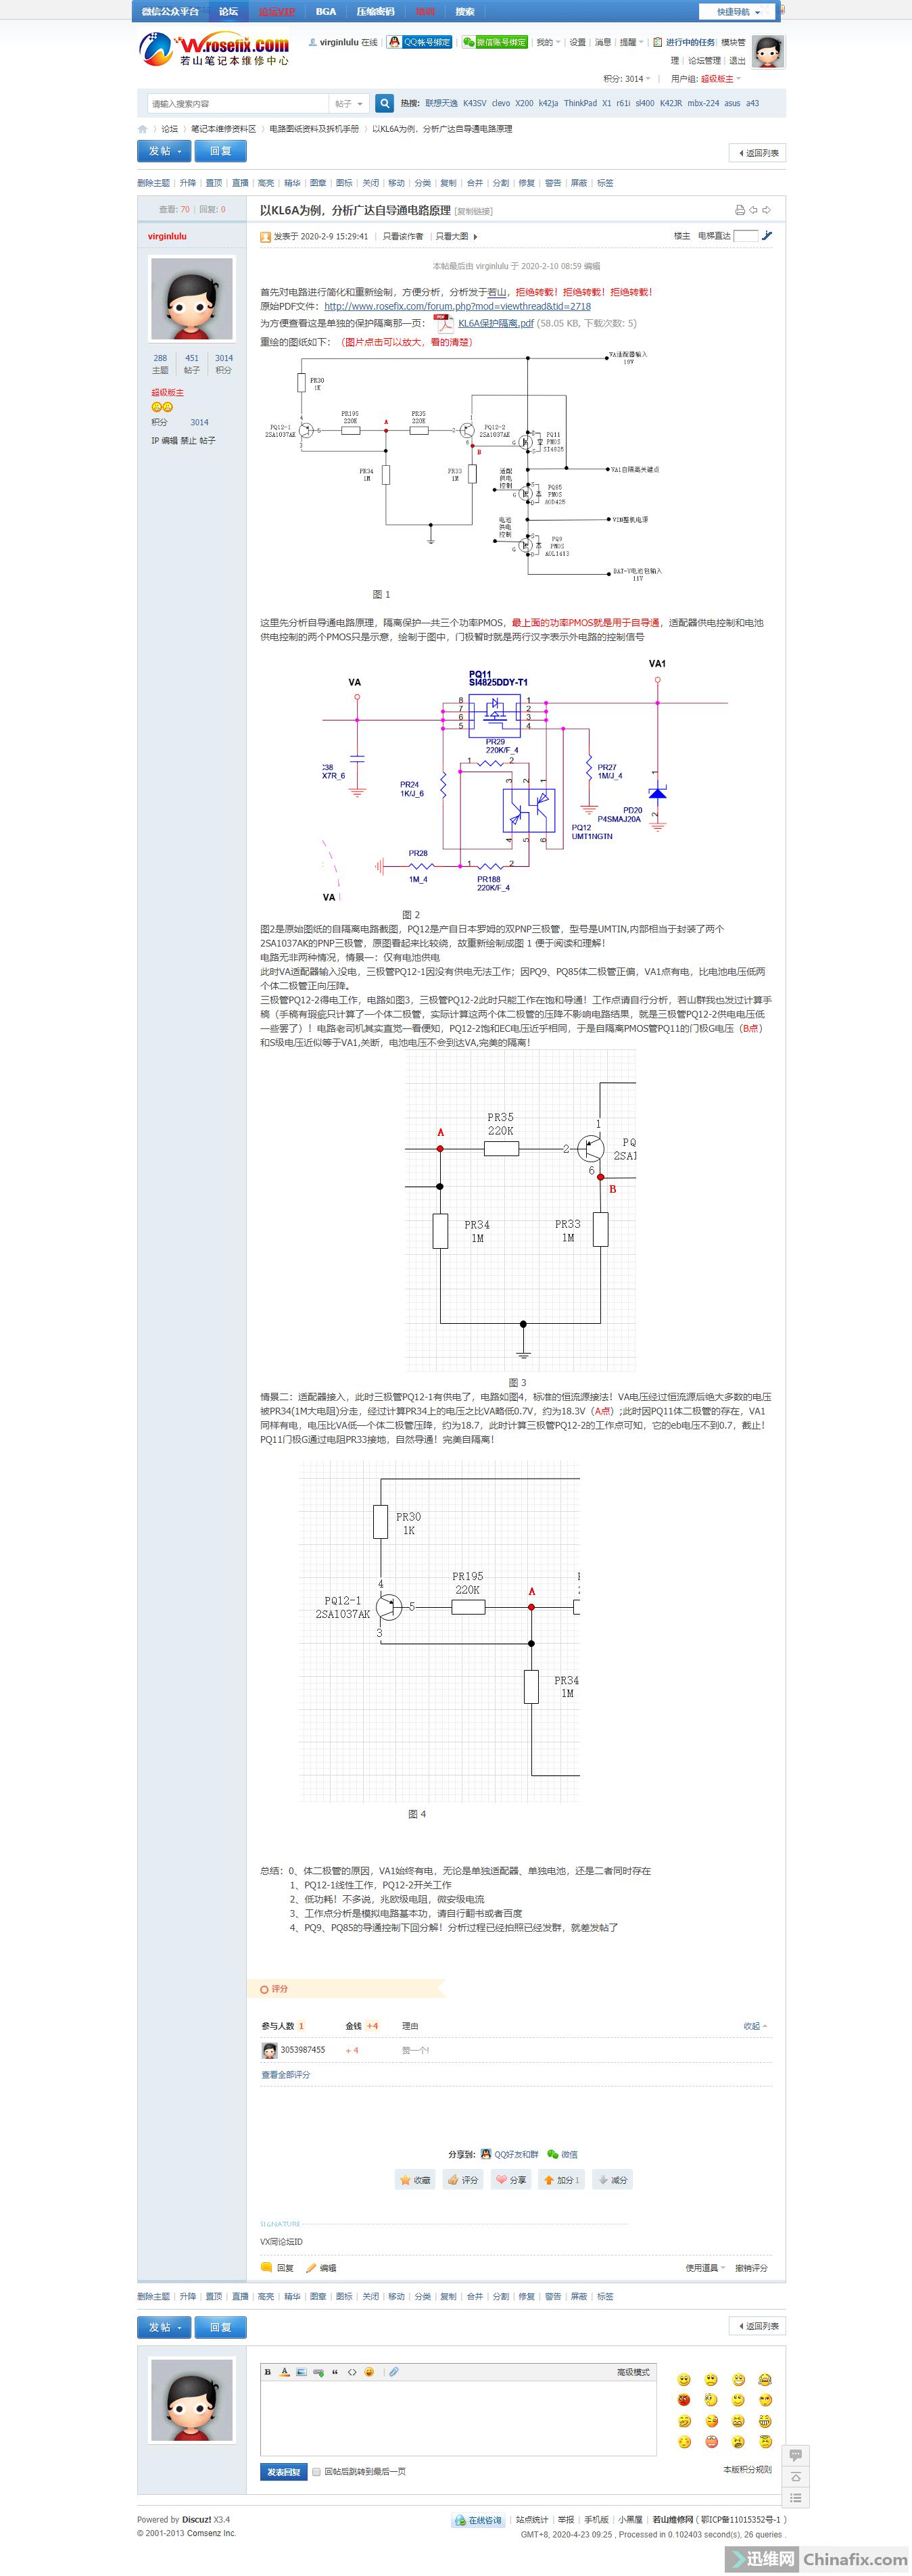 以KL6A为例,分析广达自导通电路原理 - 电路图纸资料及拆机手册 - 若山维修网 - Power.png